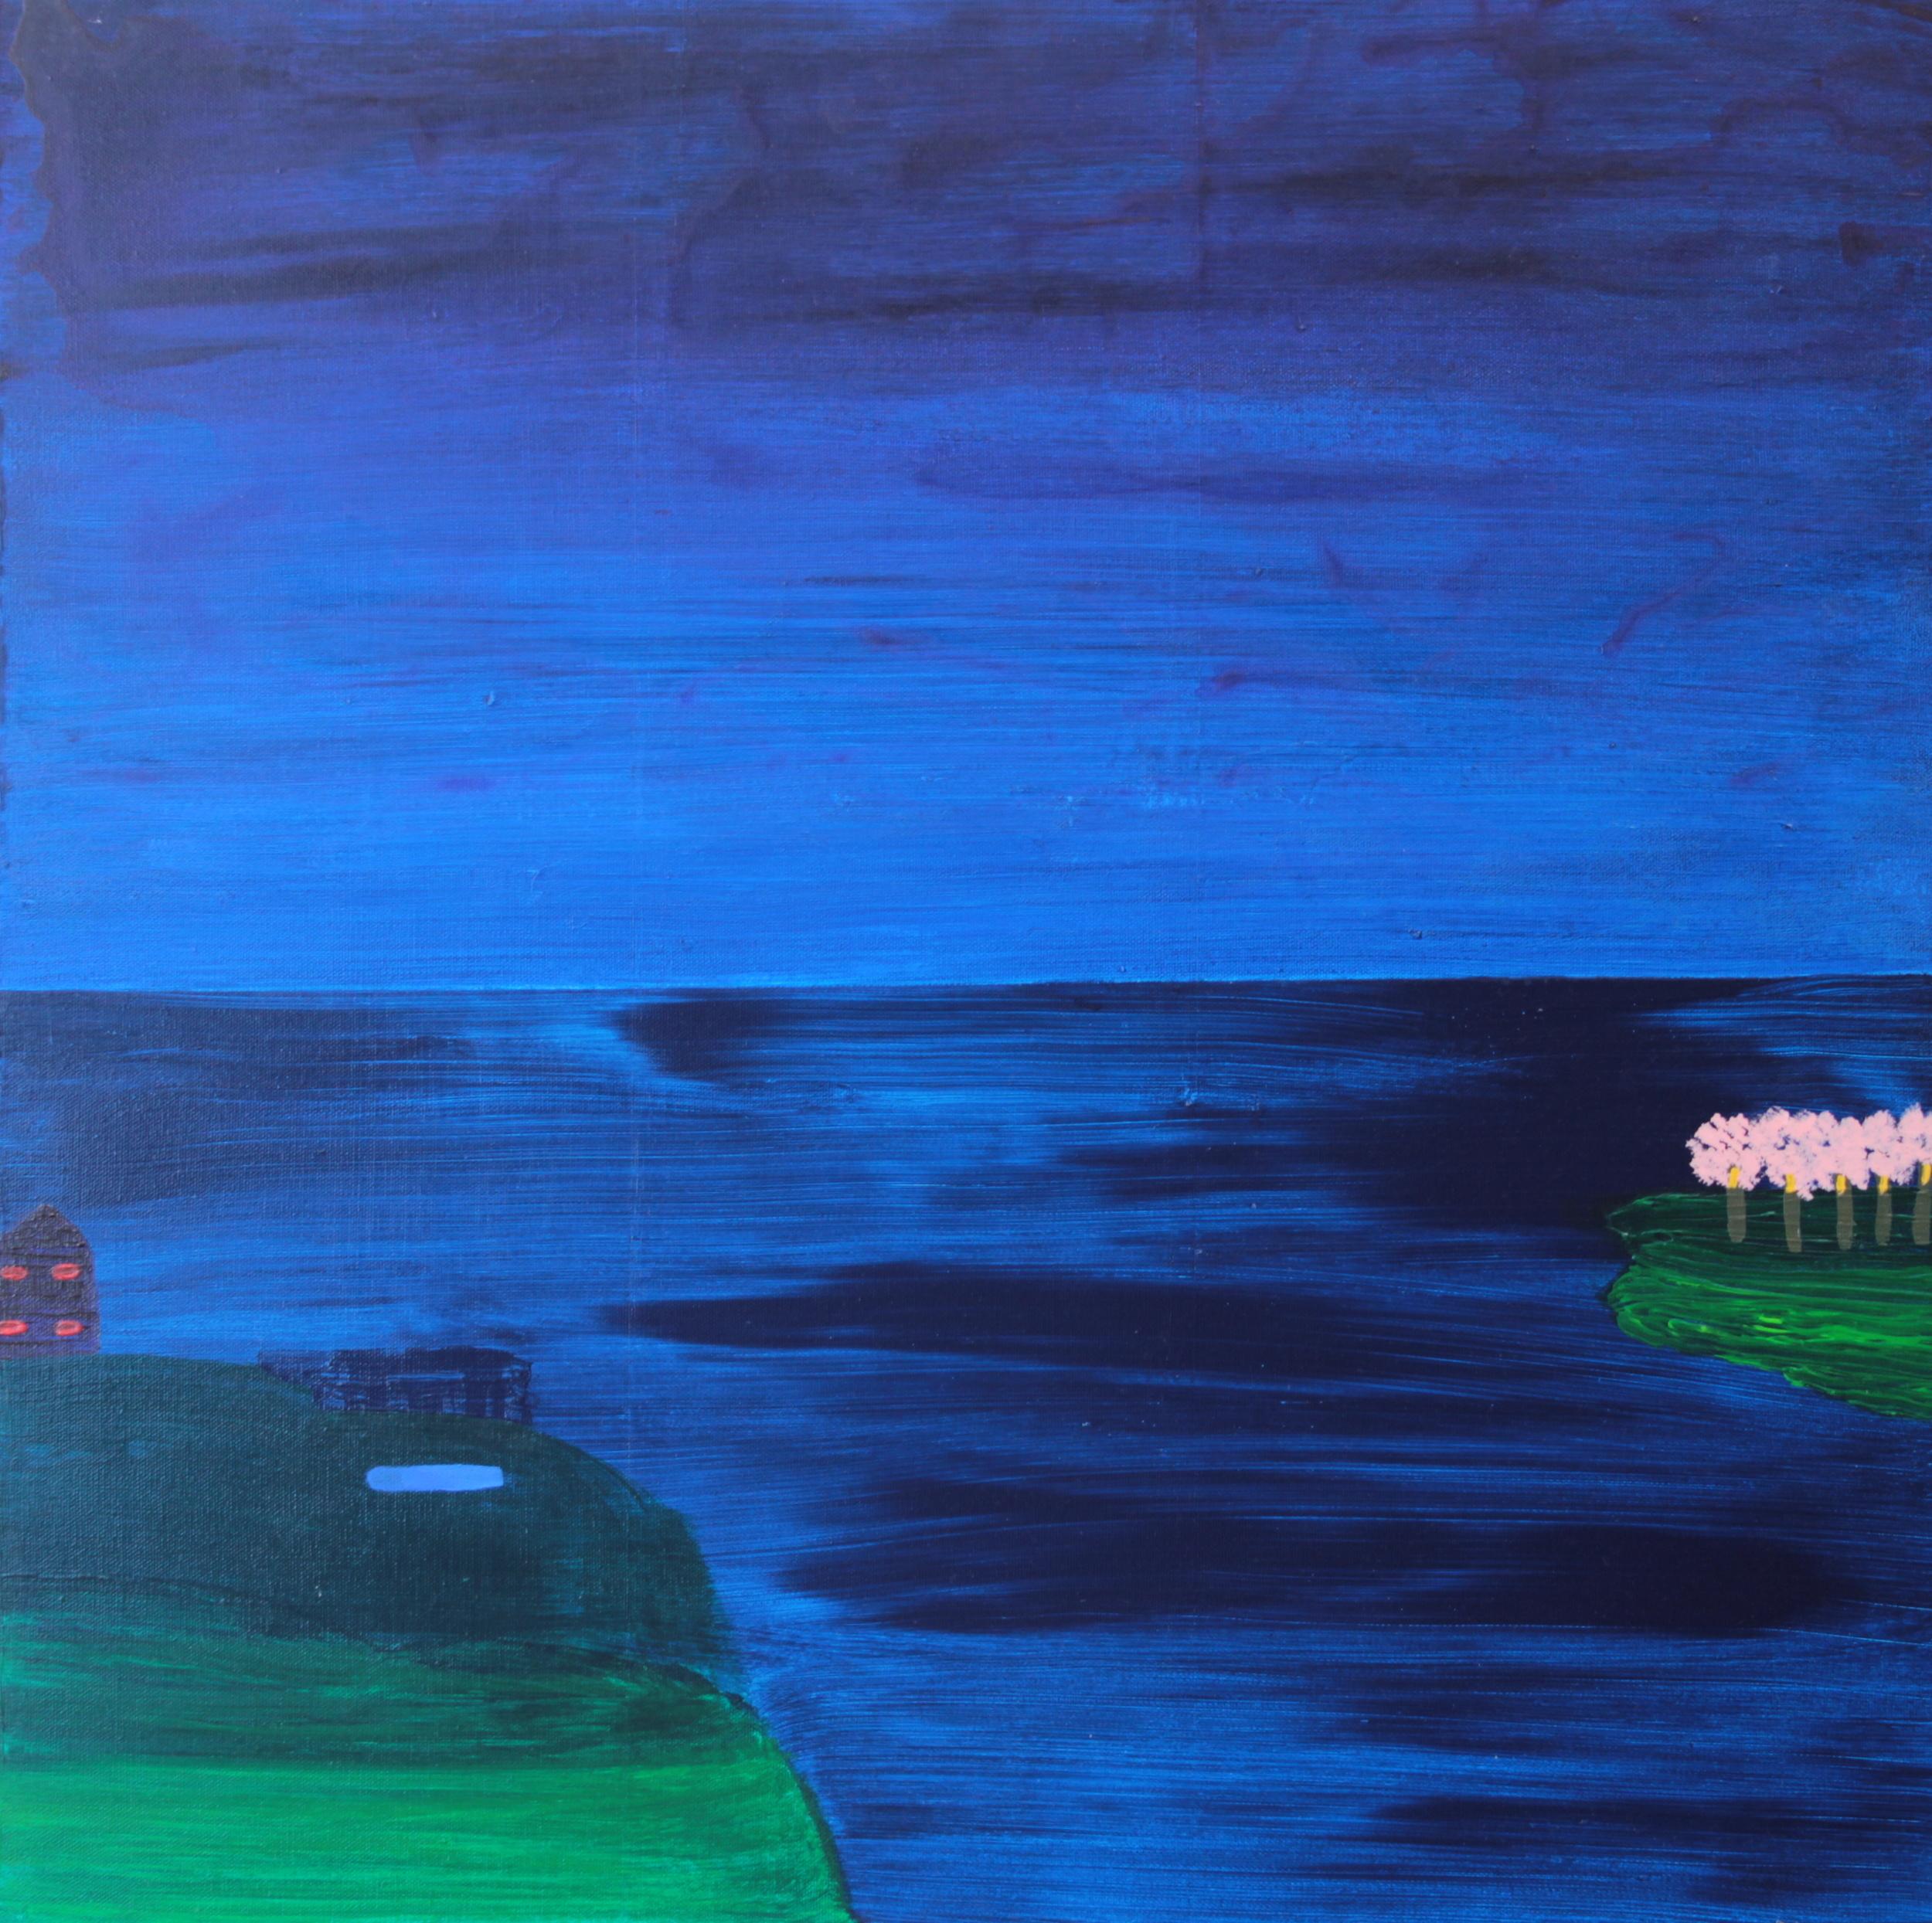 BEEHIVE ACROSS OCEAN, ACRYLIC ON CANVAS, 76 X 76CM